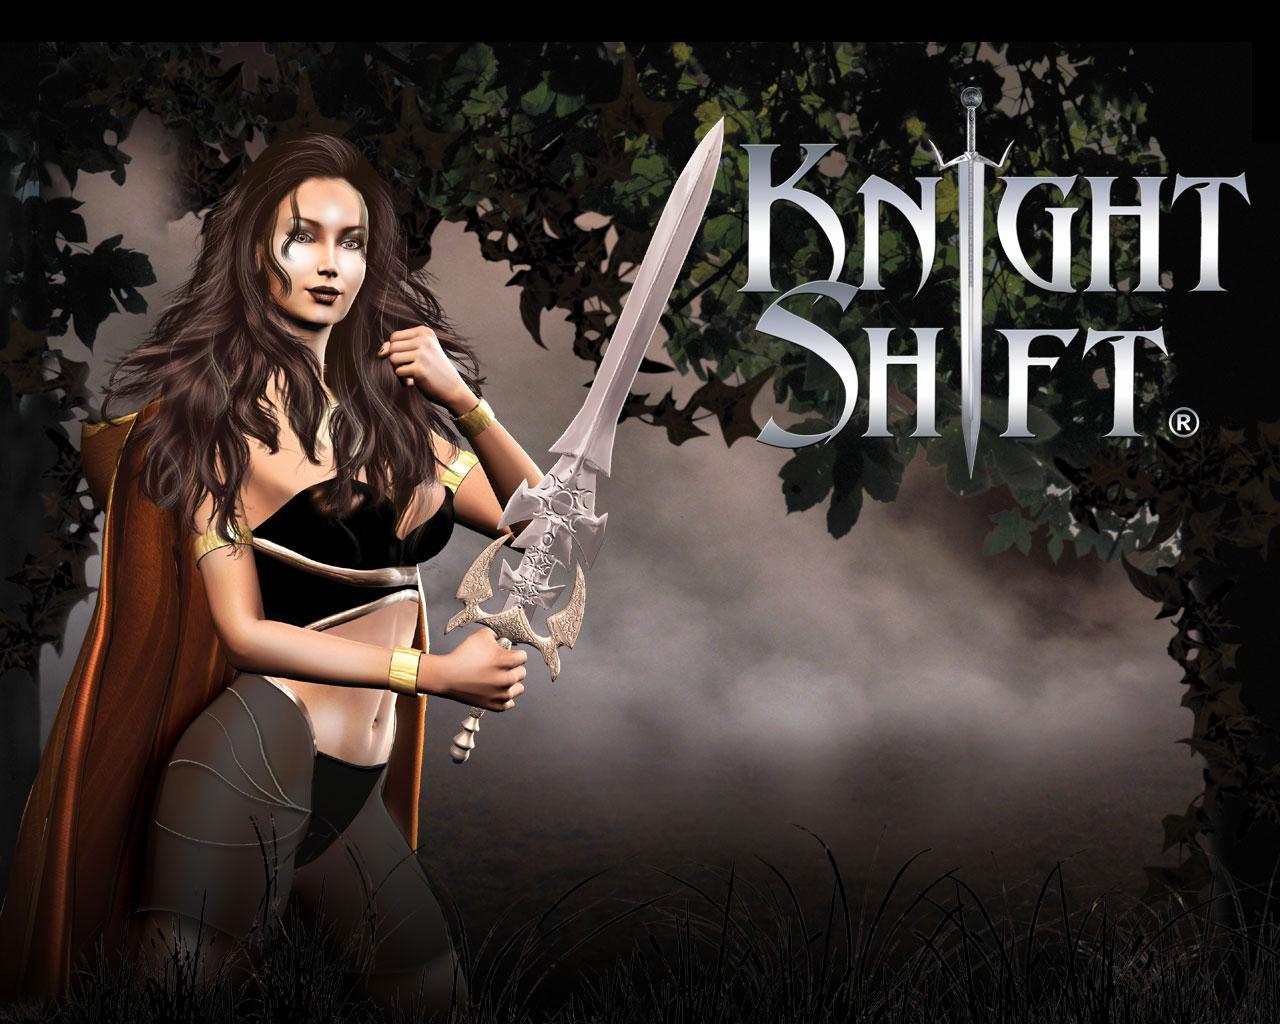 Clef gratuite pour le jeu KnightShift sur PC (Steam)